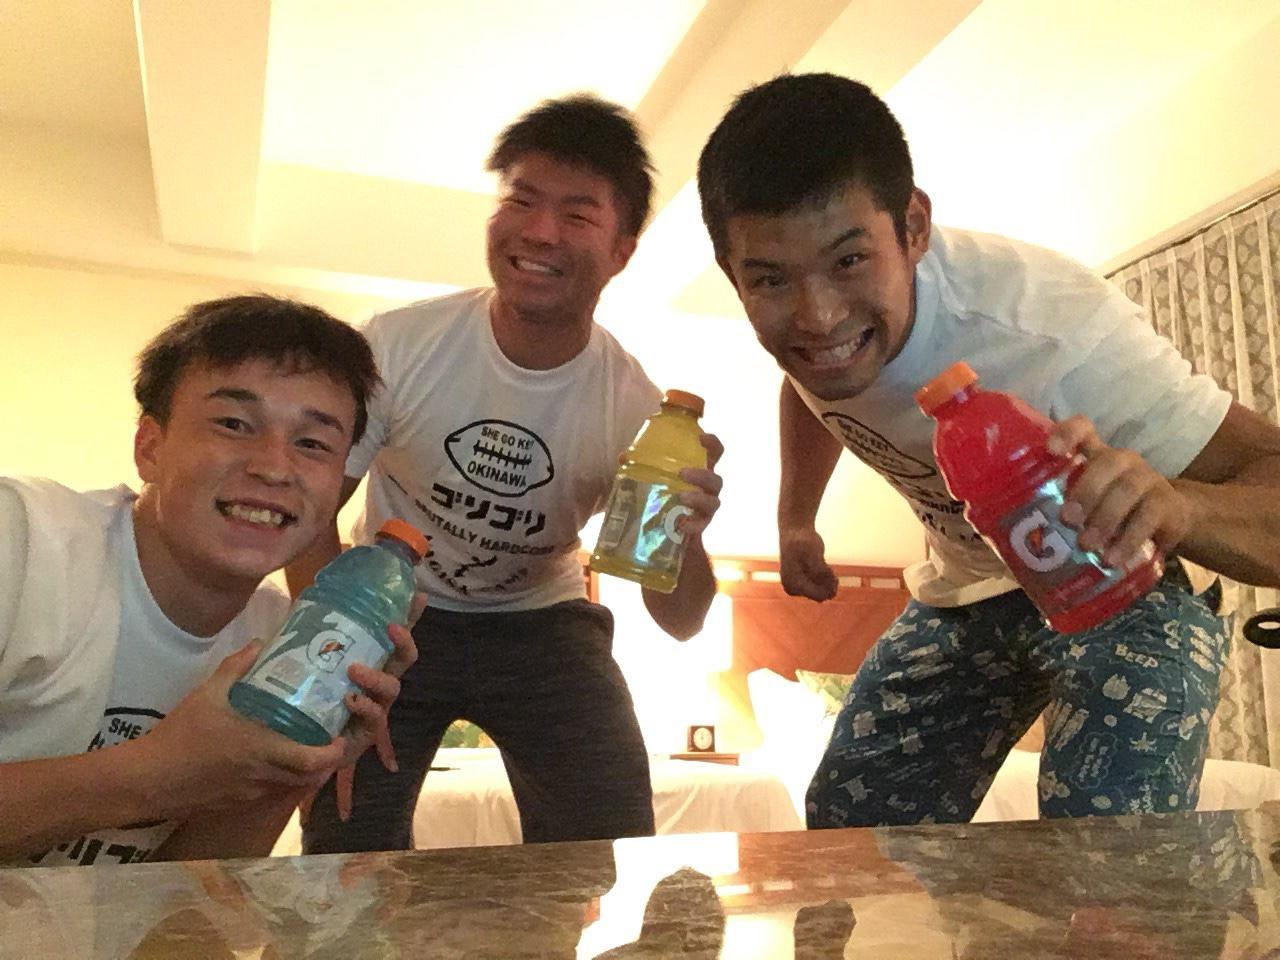 「タモン式渚のキャンプ」に参加した(左から)シルツ壮馬、石井侑志、植木宏太郎の3選手=提供・中村多聞さん